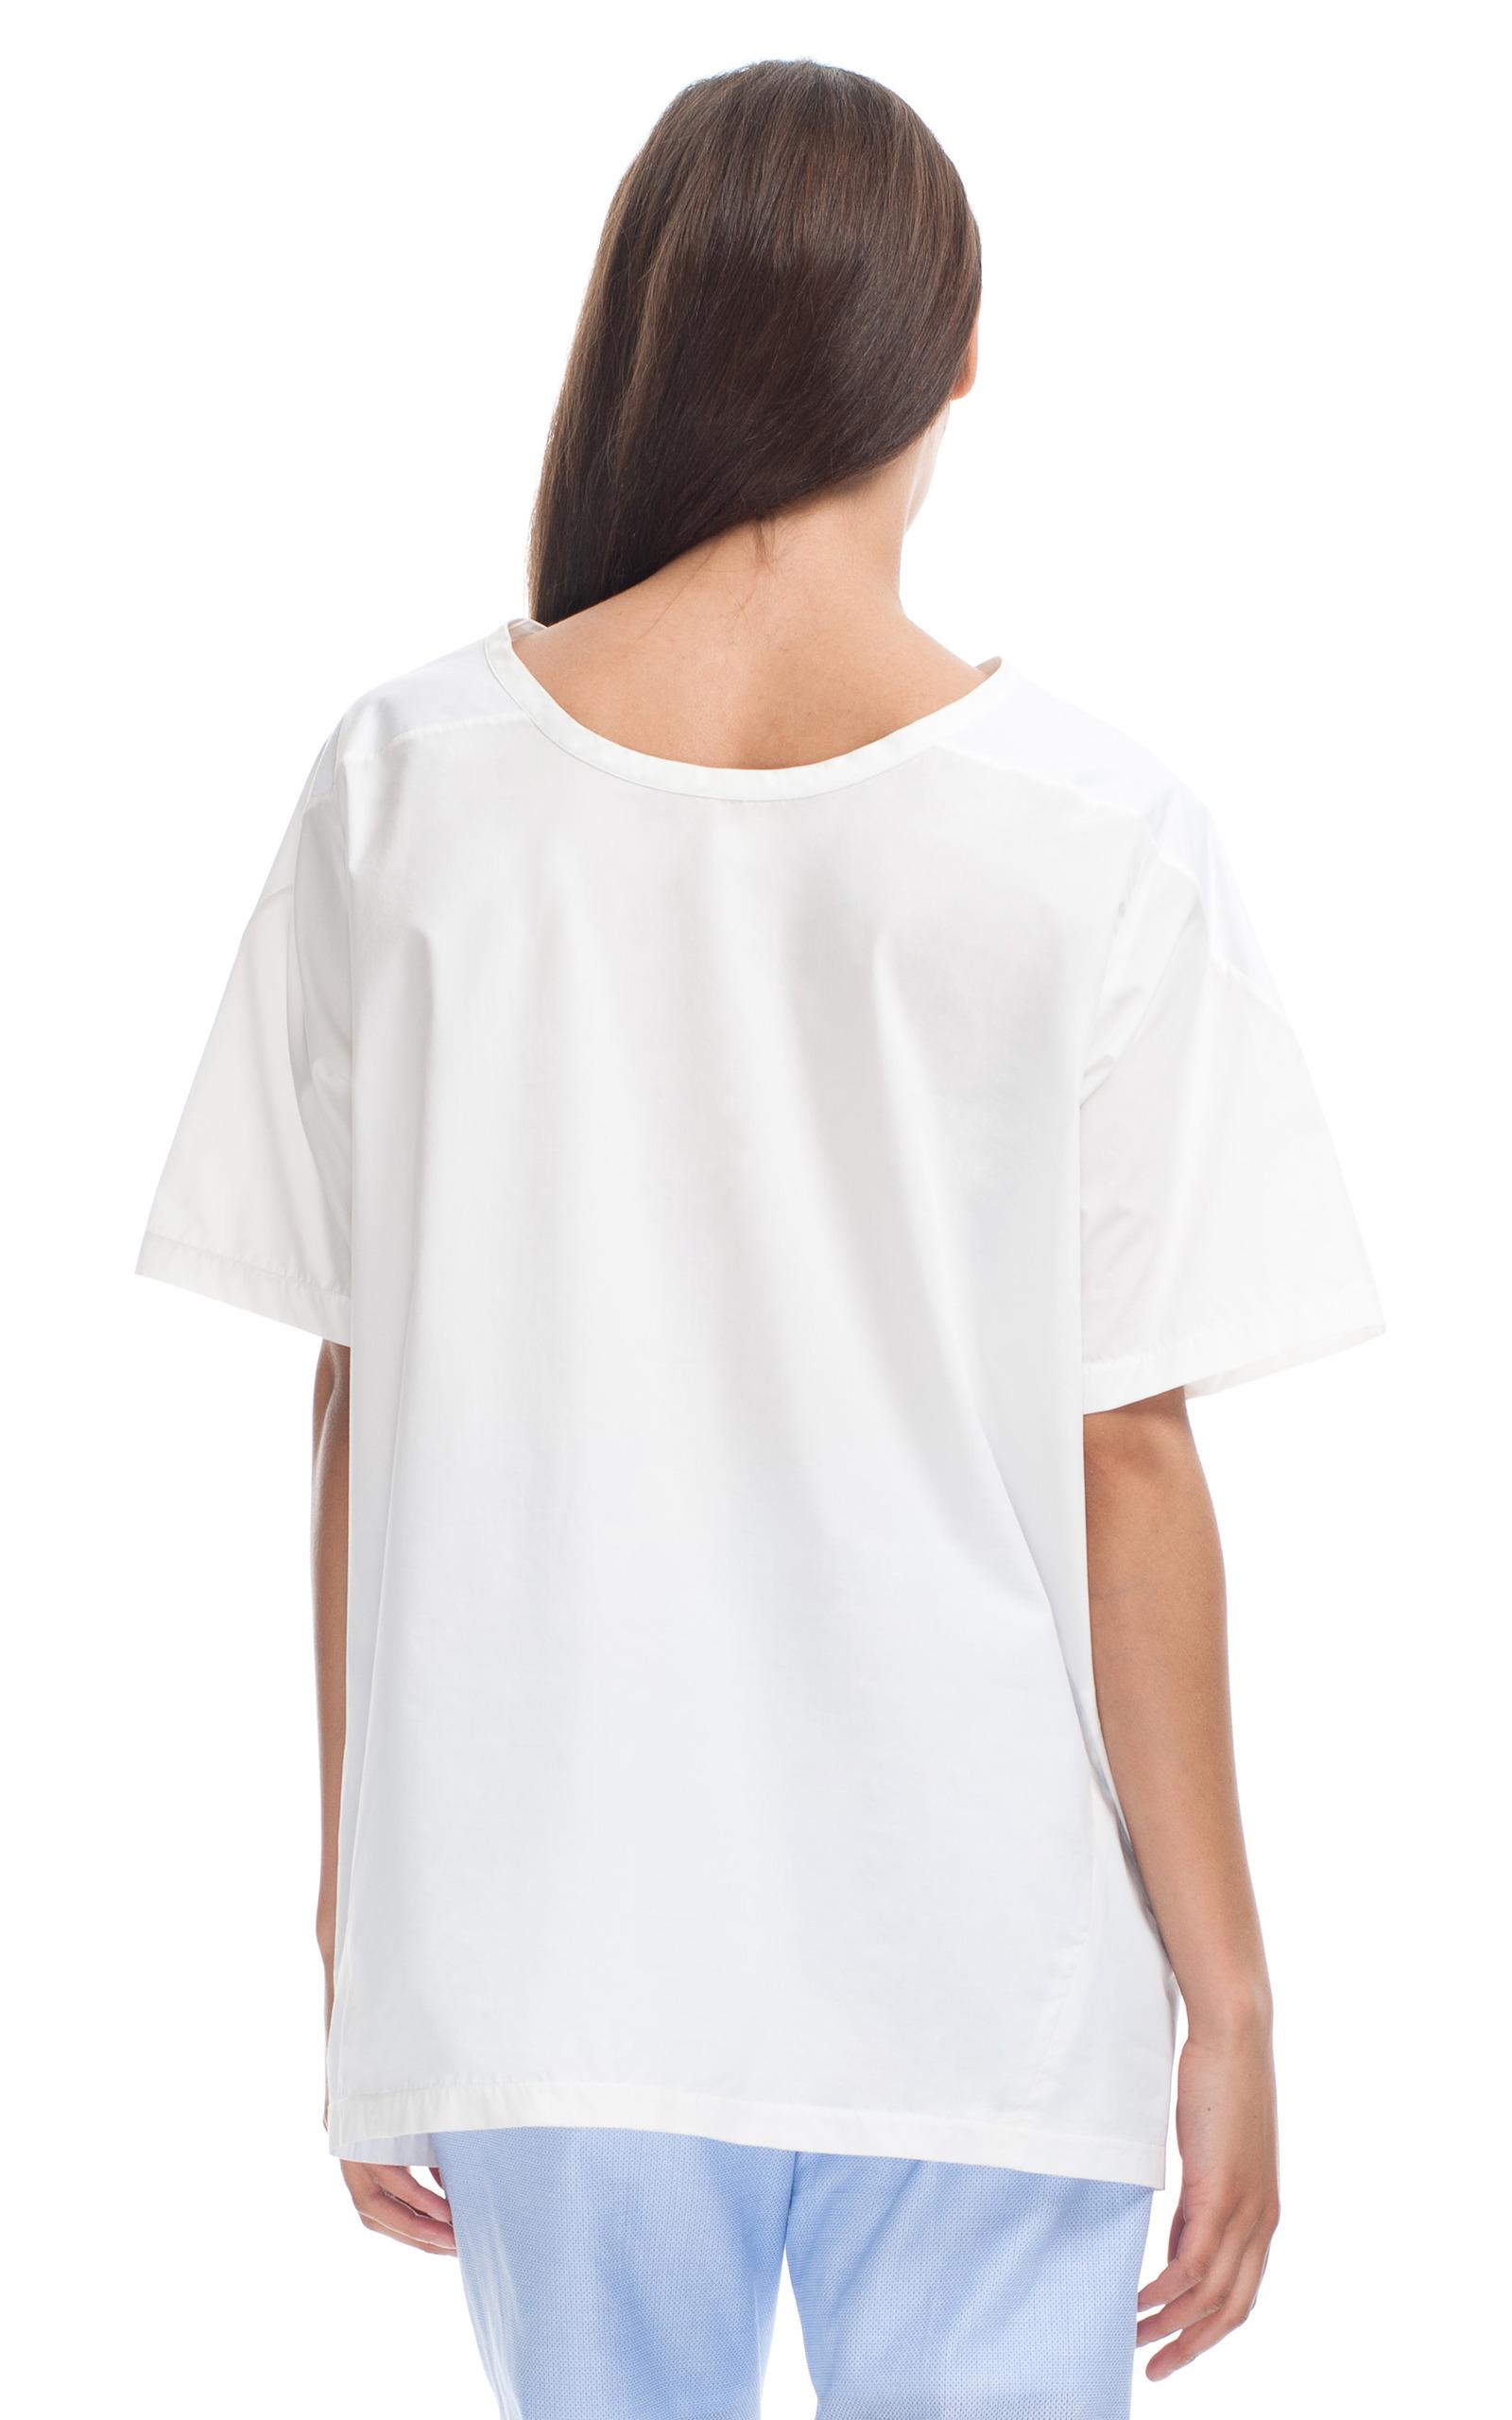 Christopher esber block tee dress white shirt